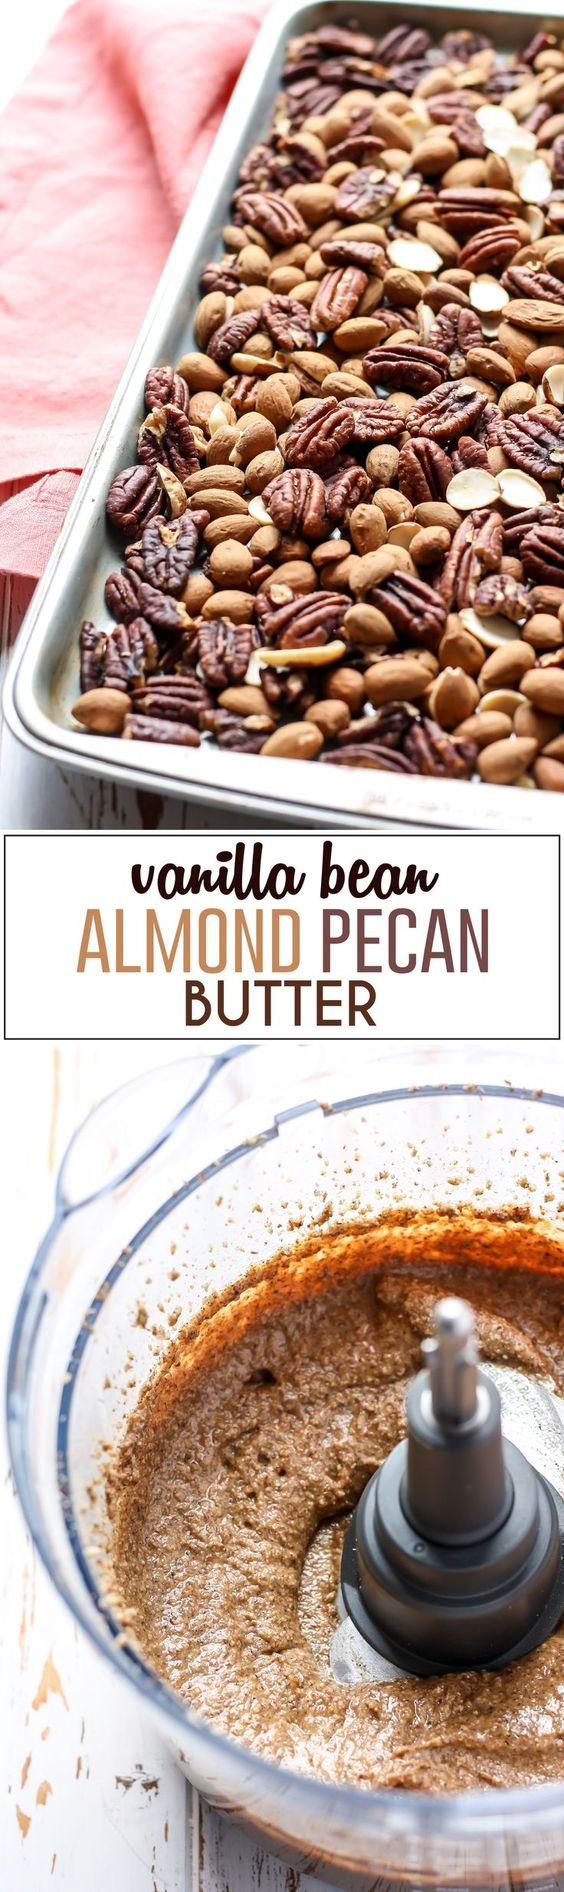 Vanilla Bean Almond Pecan Butter